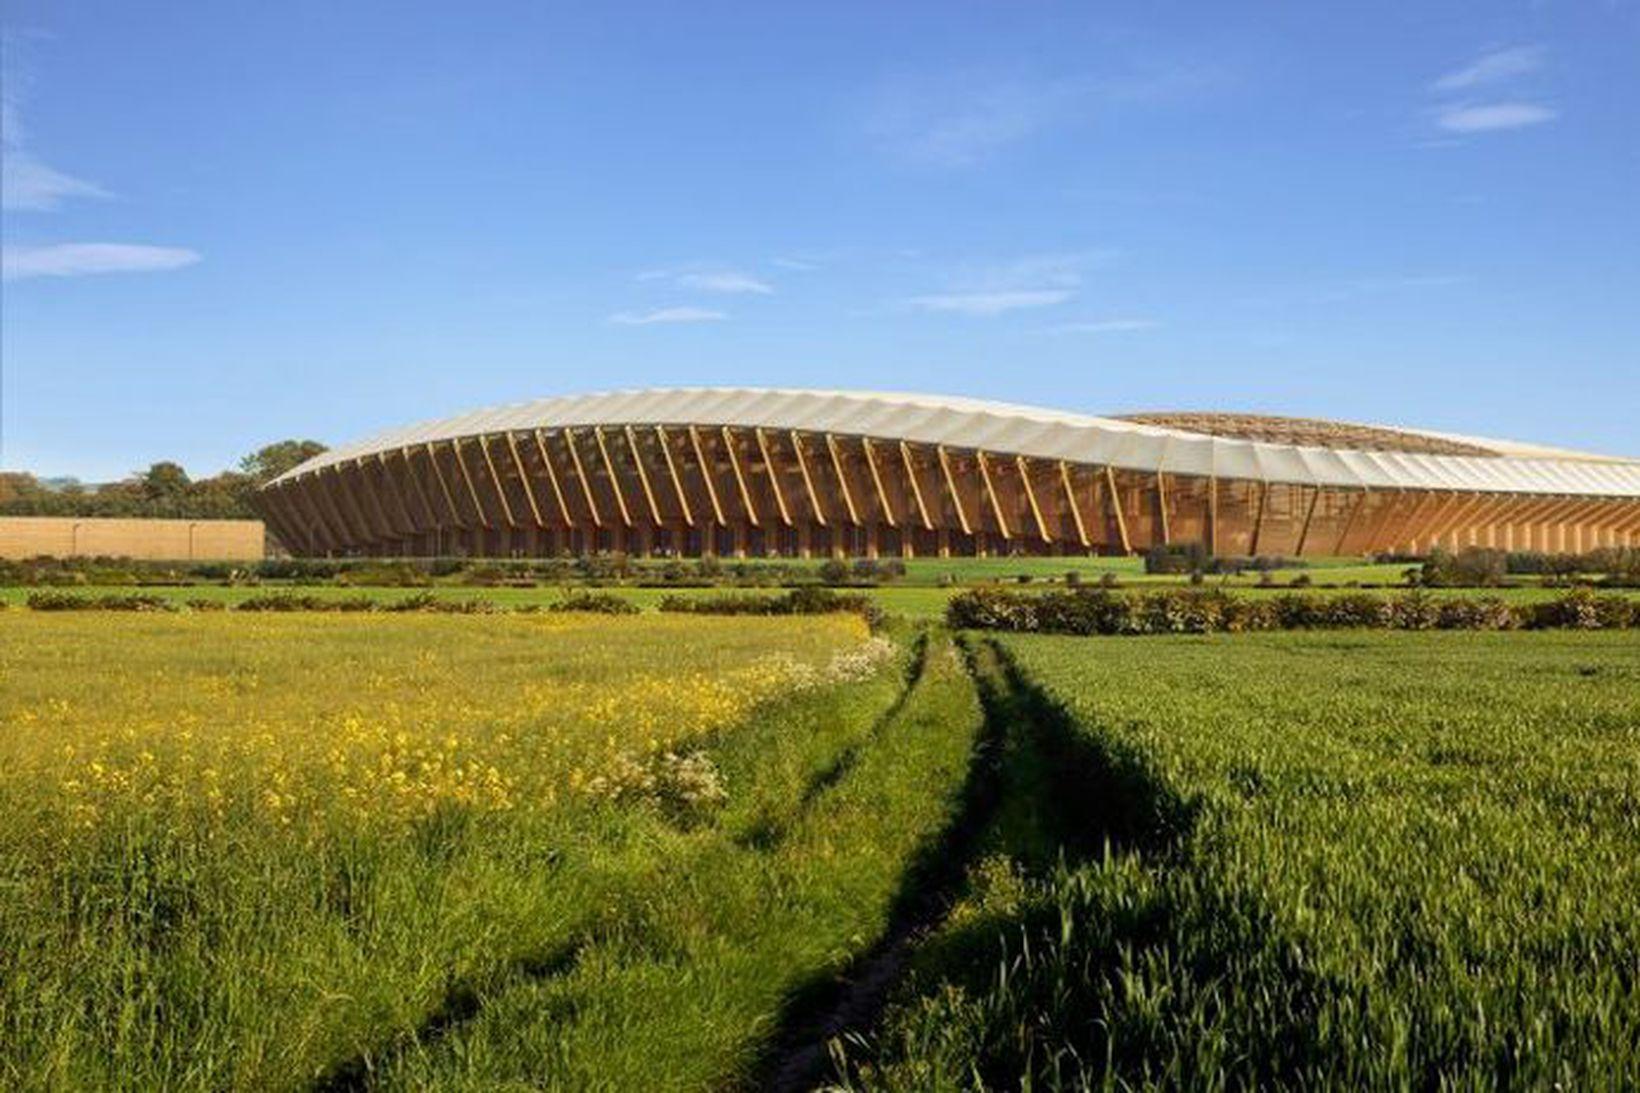 Arkitektastofa írask-breska arkitektsins Zaha Hadid hannaði völlinn.